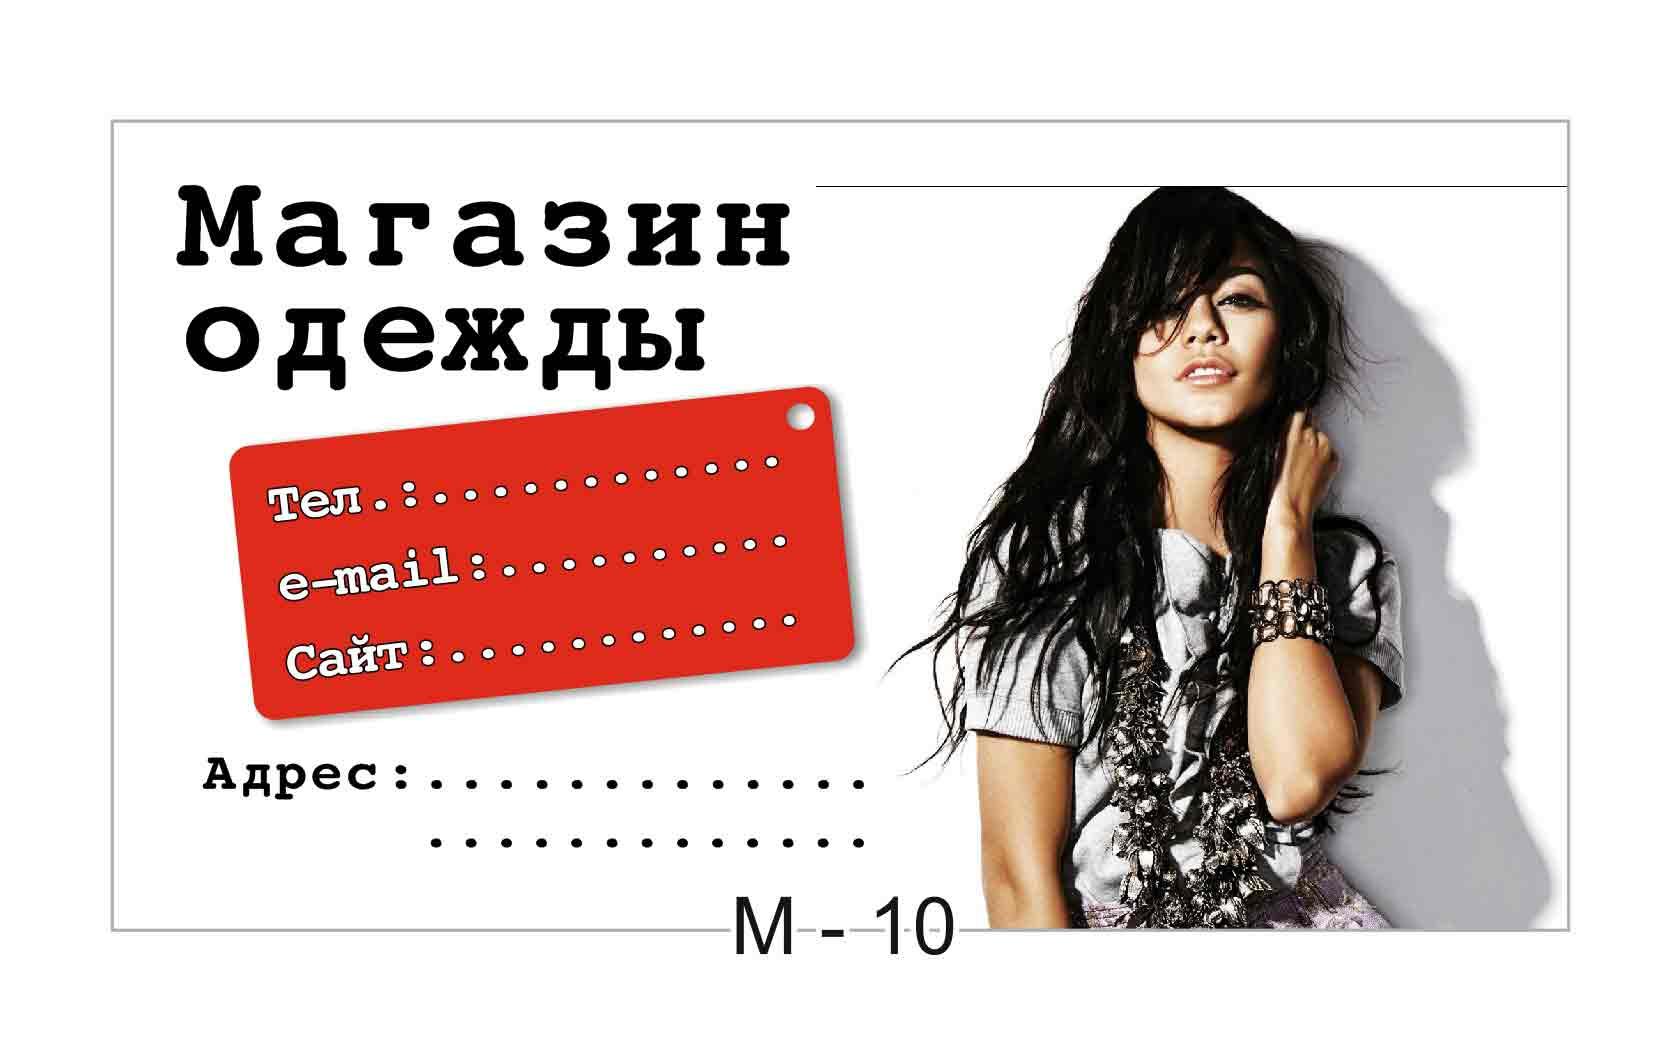 визитка для массажиста картинки